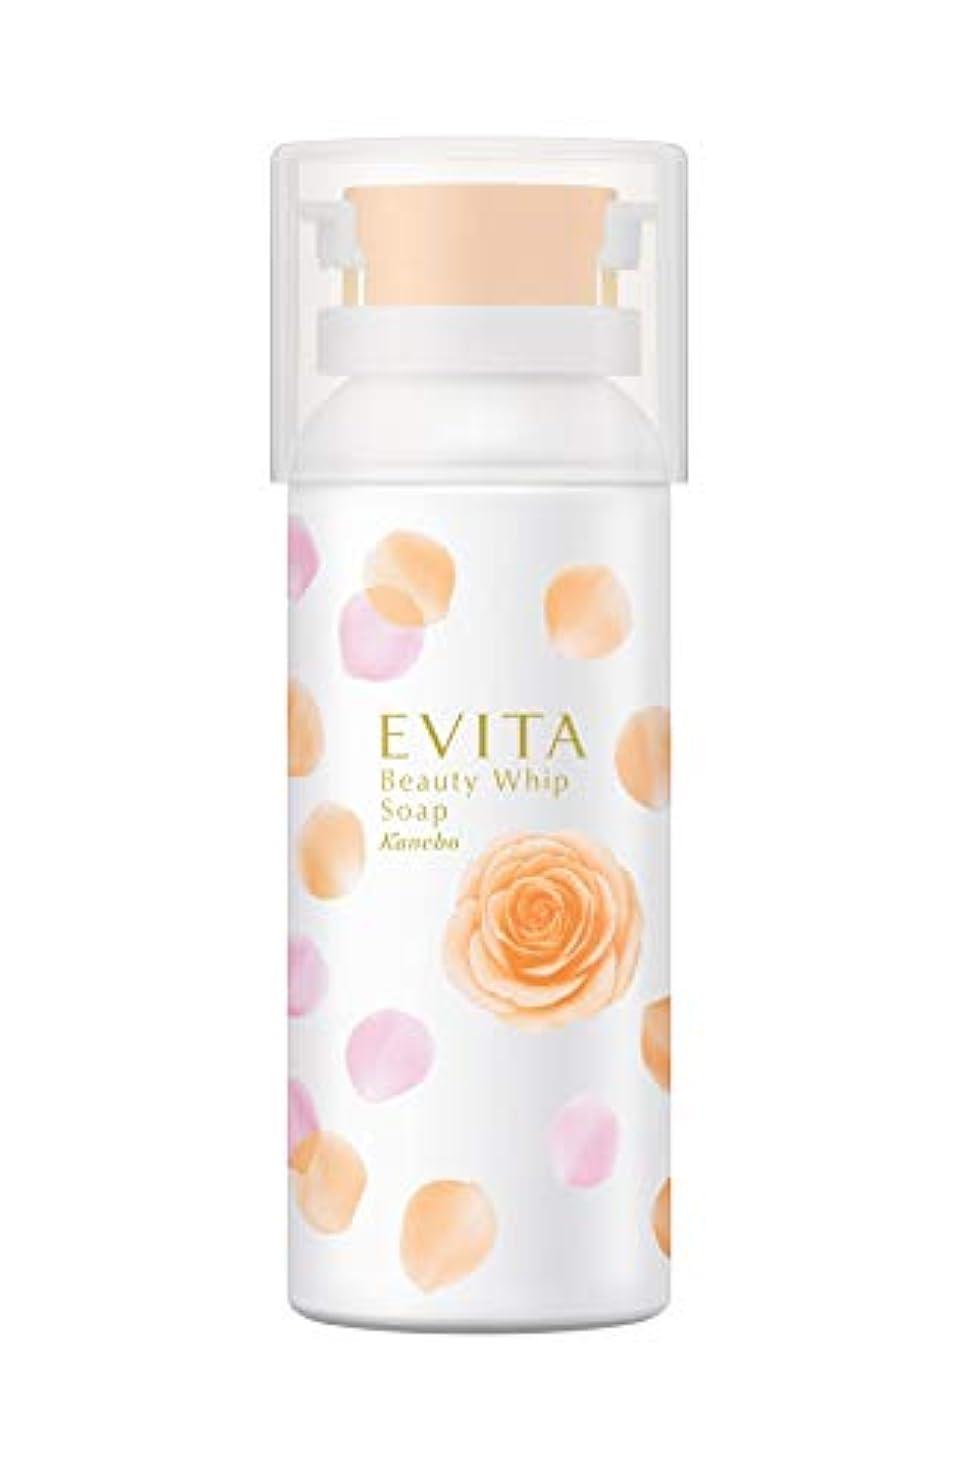 ヘッジ送った画像エビータ ビューティホイップソープ(ローズ&オレンジティーの香り) 洗顔料